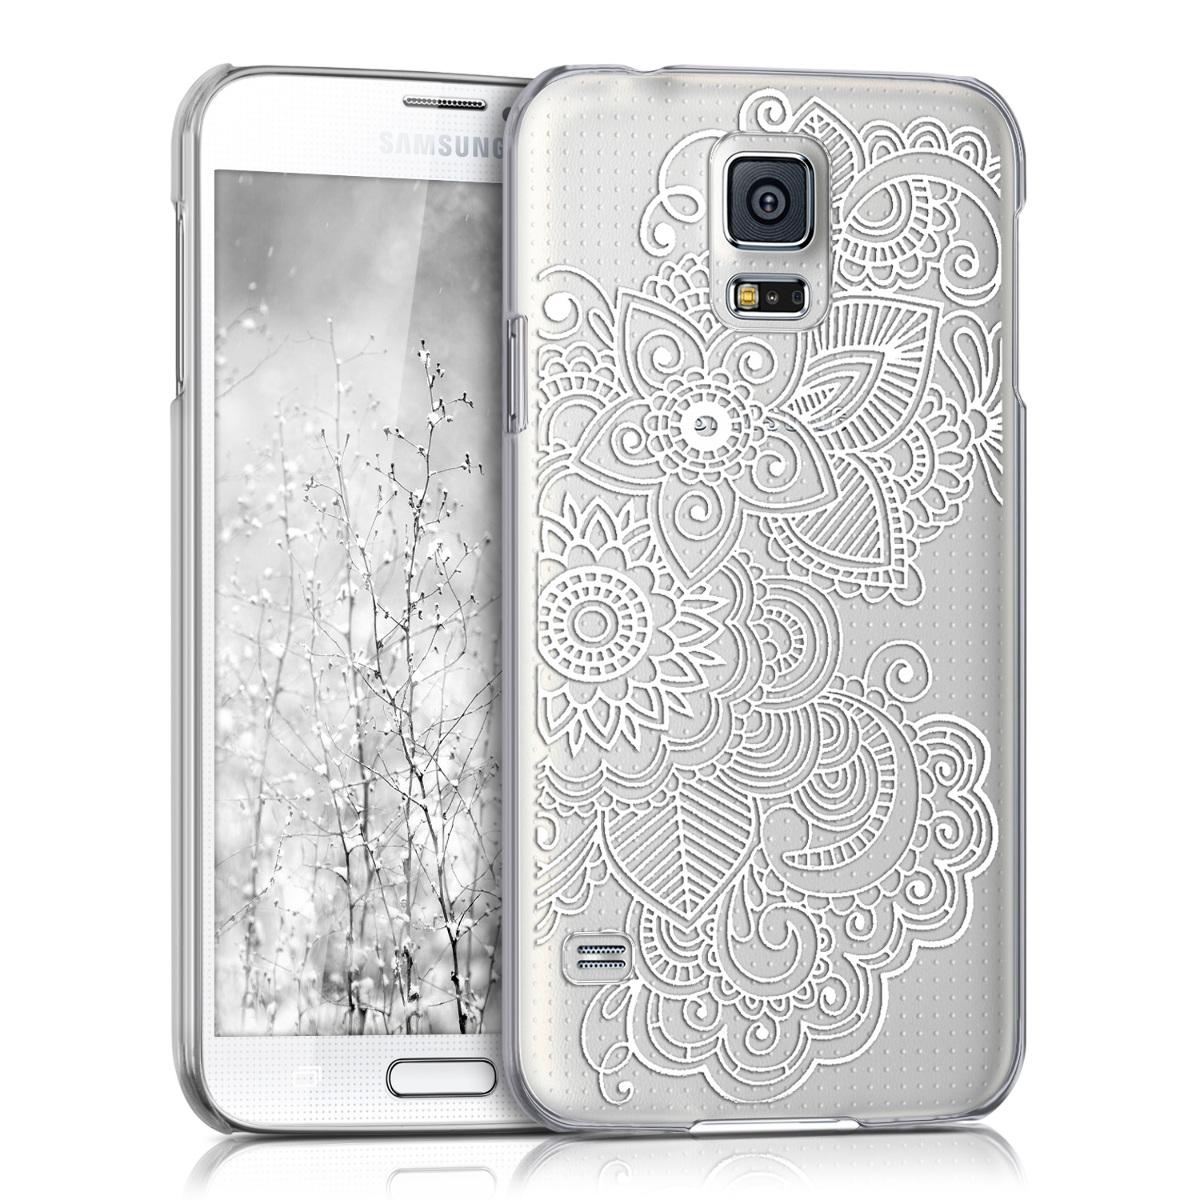 Kvalitní plastové pouzdro pro Samsung S5 | S5 Neo - Etno-květiny bílé / transparentní